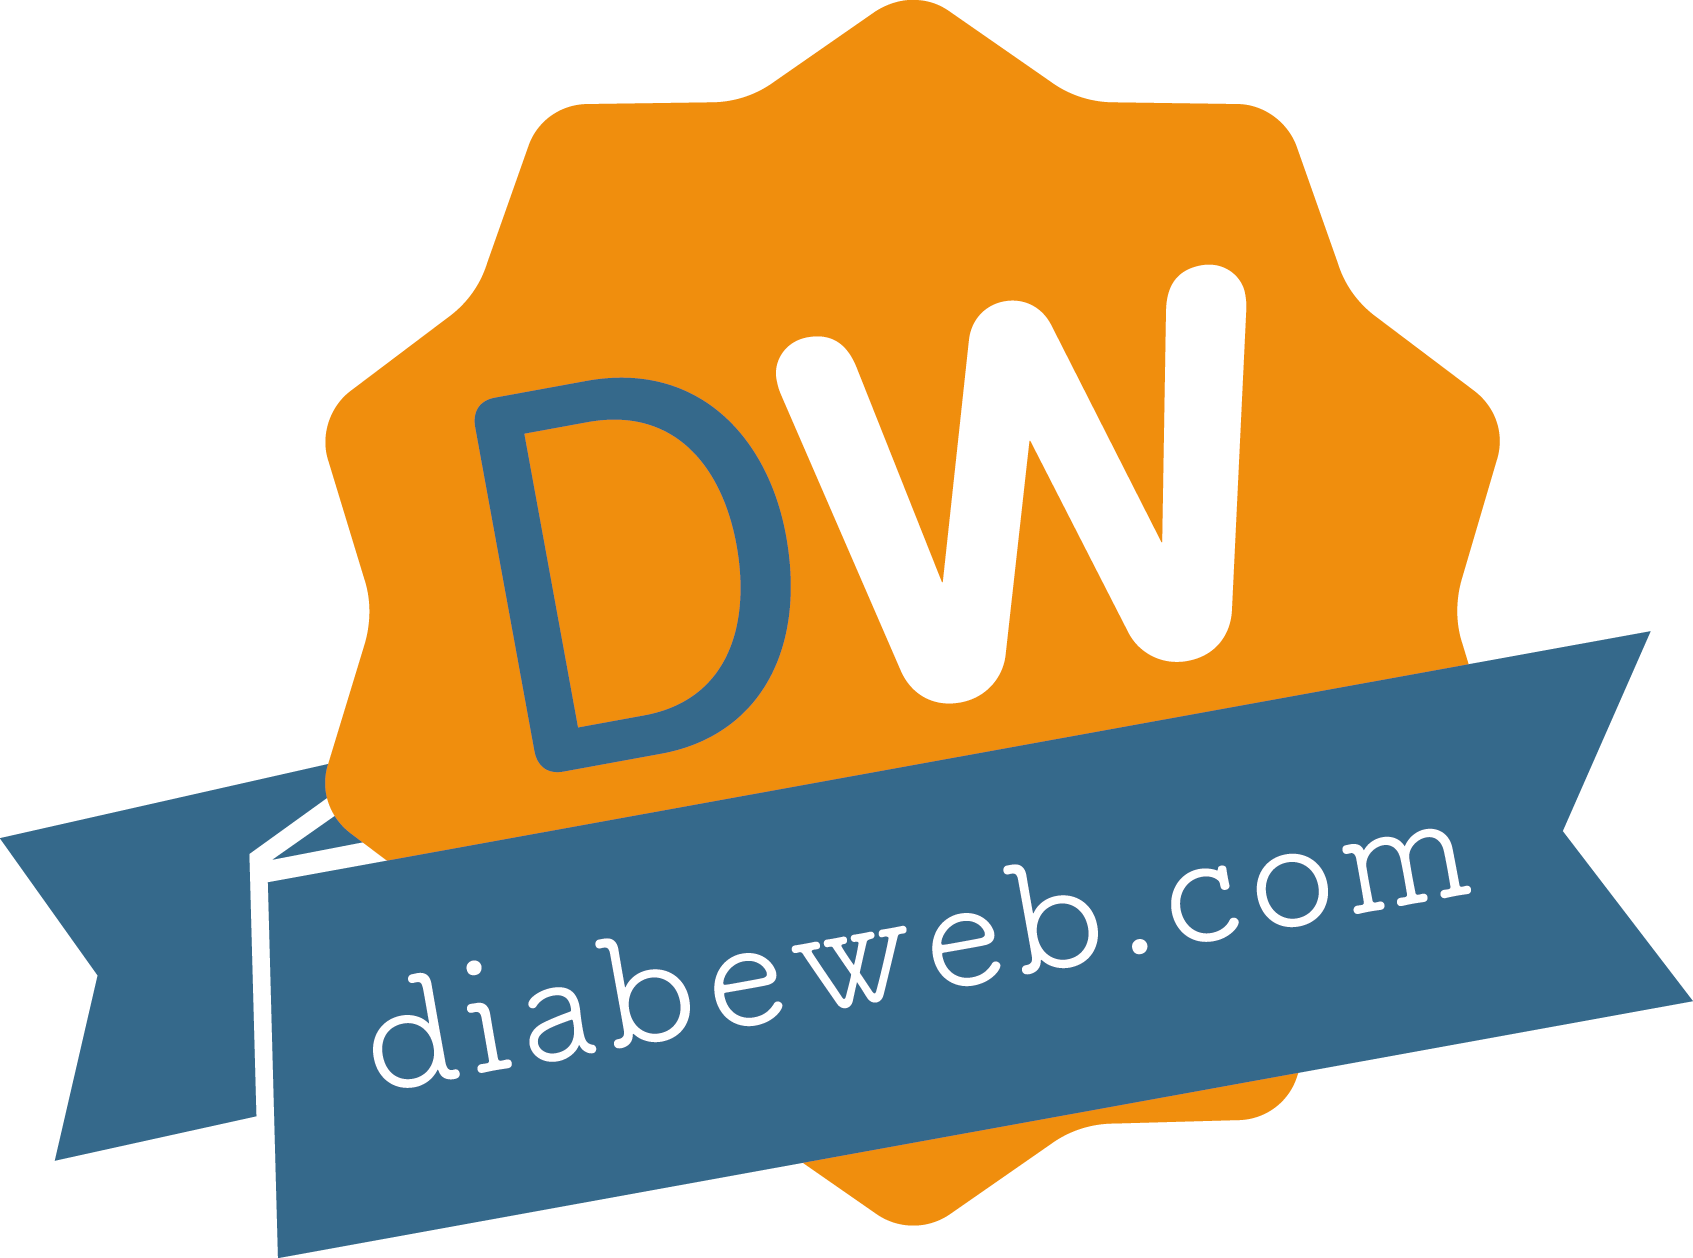 Web recomendada por RedGDPS en Diabeweb